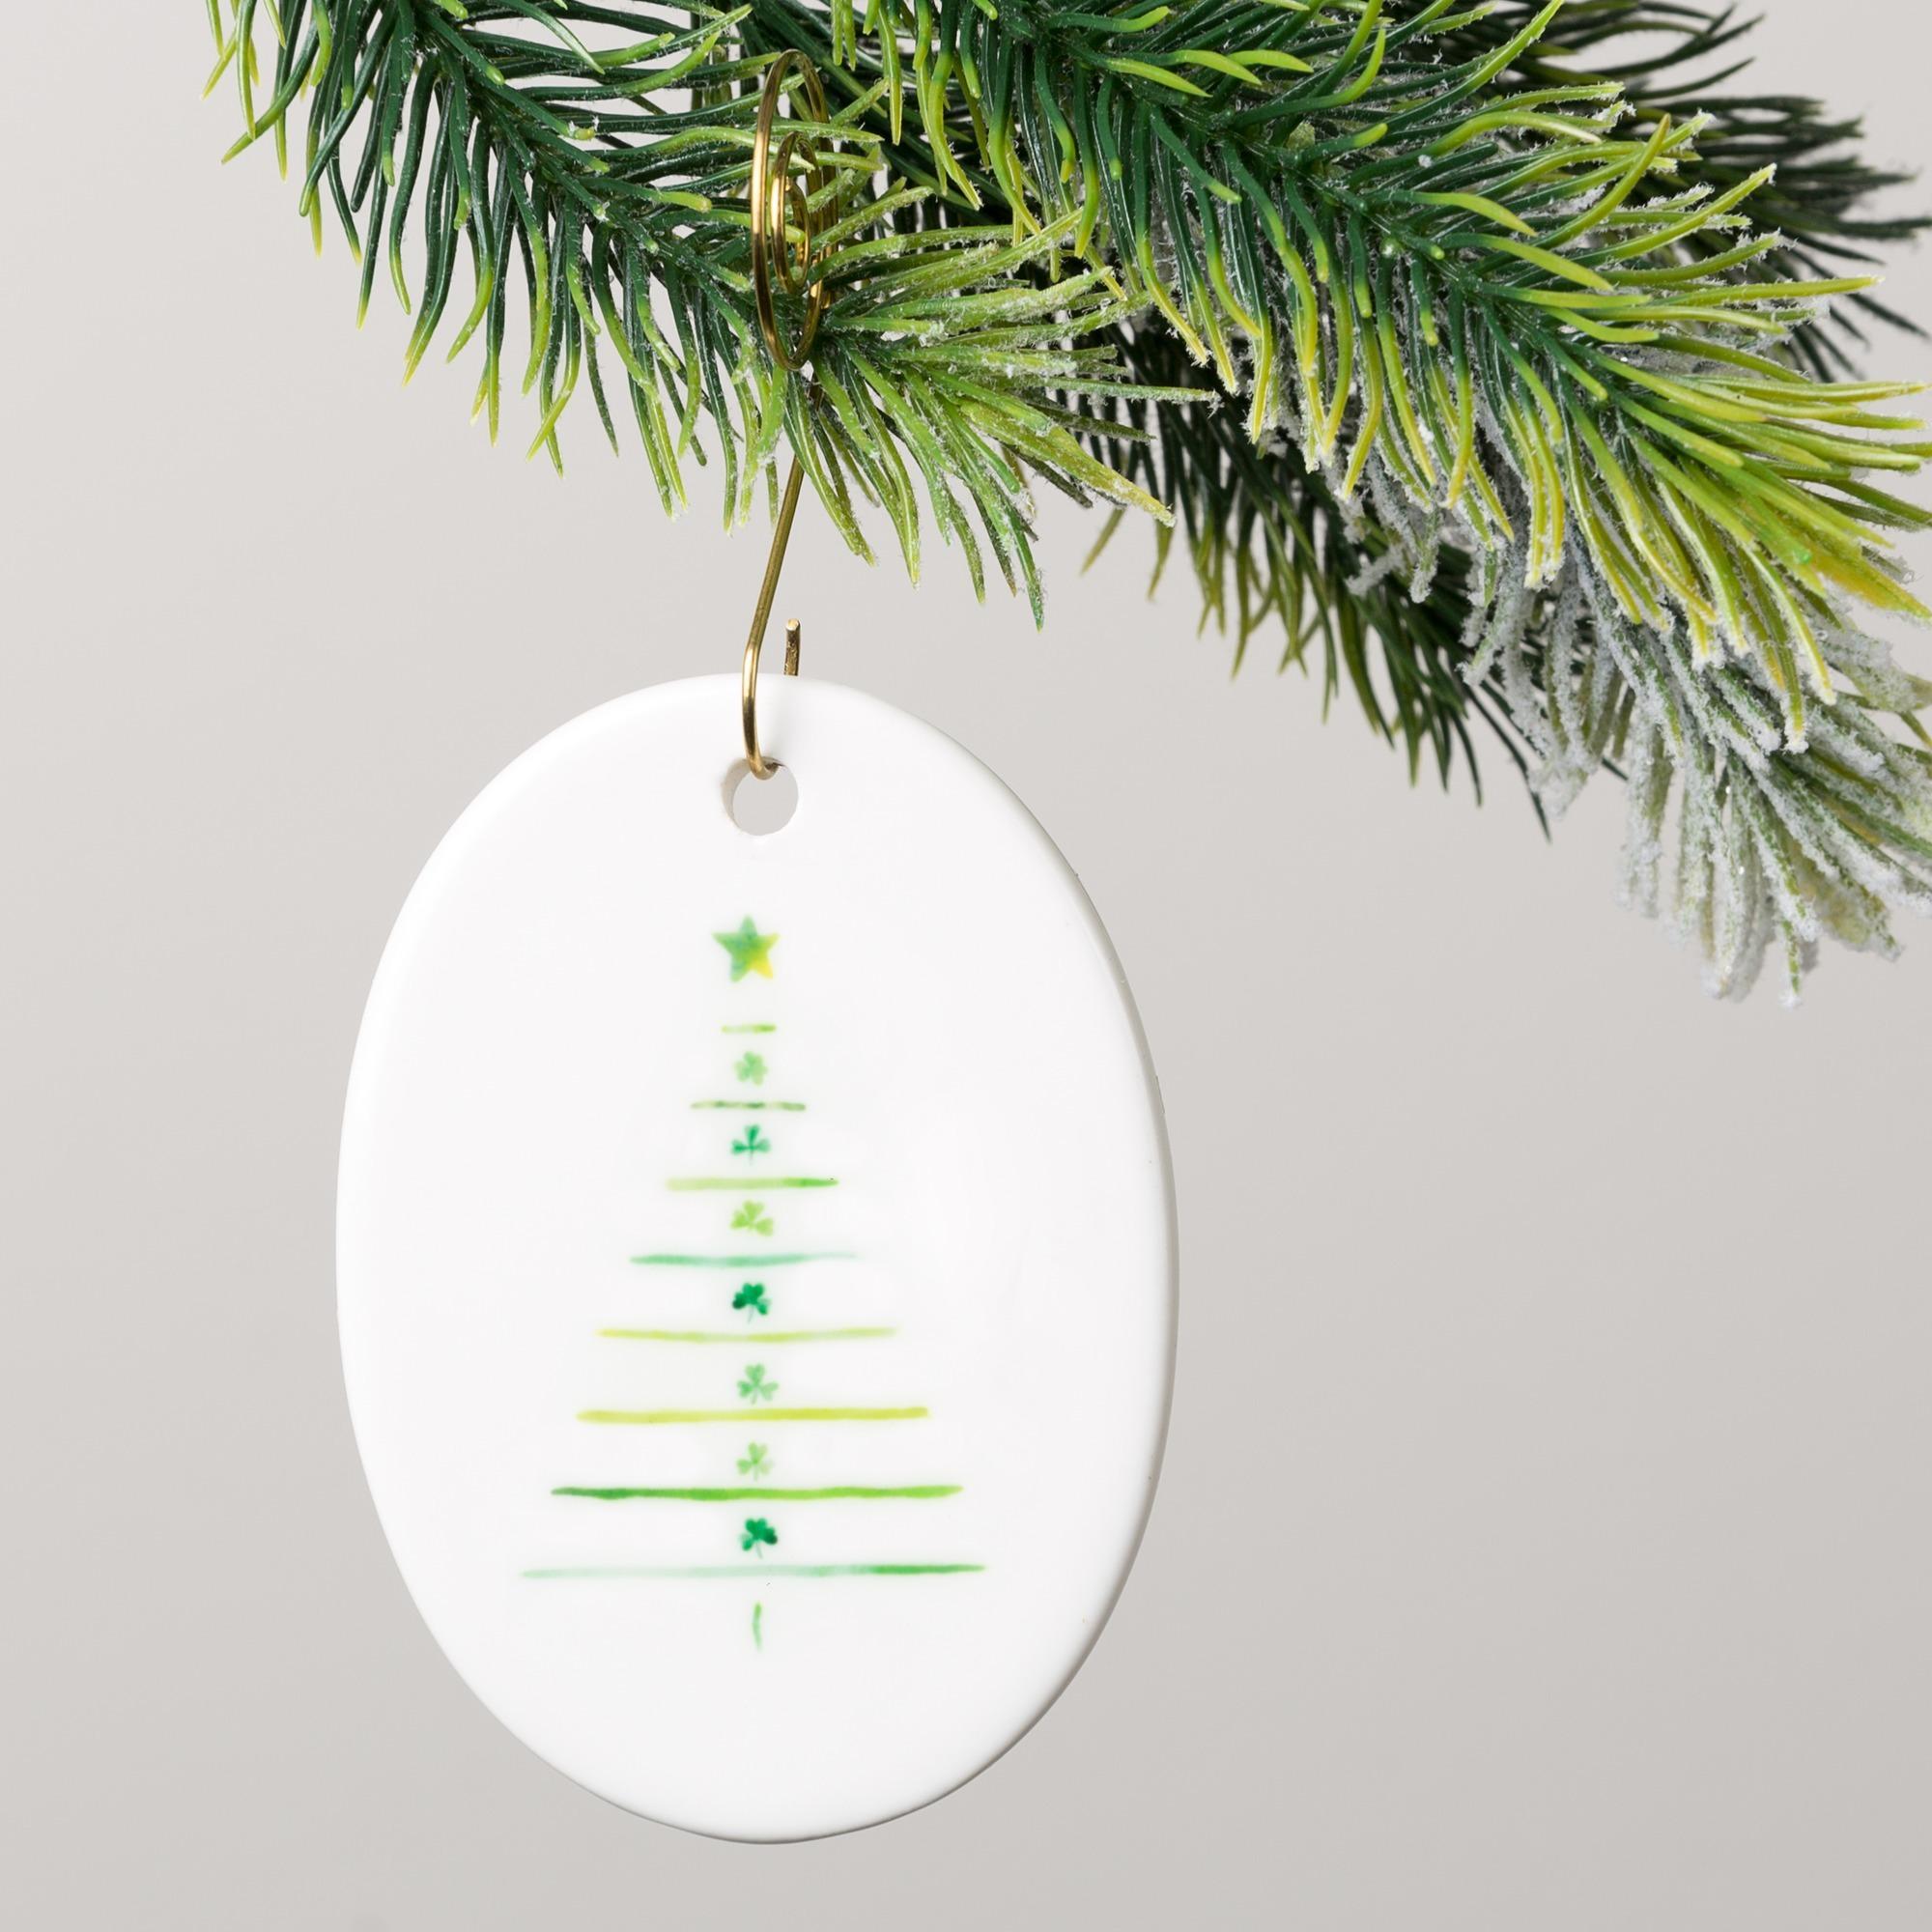 Irish Blessing Shamrock Tree Ornament | The Catholic Company